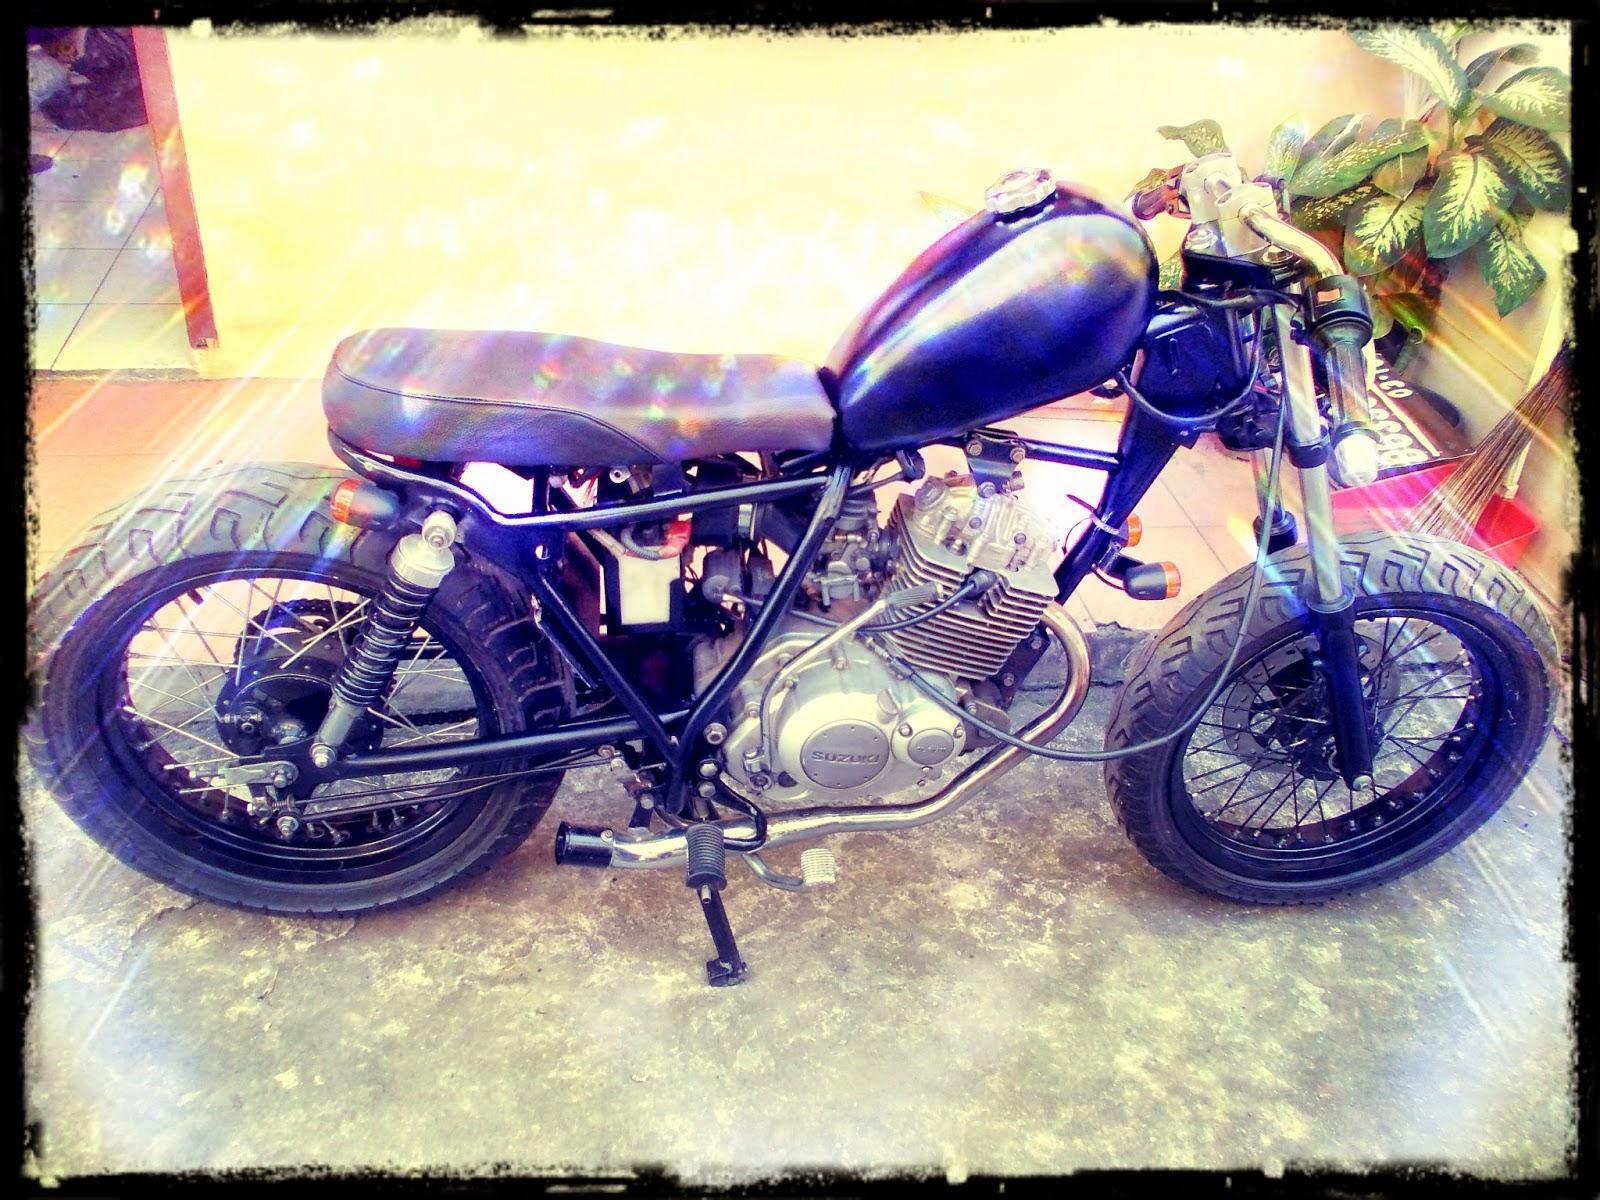 83 Modifikasi Motor Vixion Jadi Harley Terlengkap Kinyis Motor